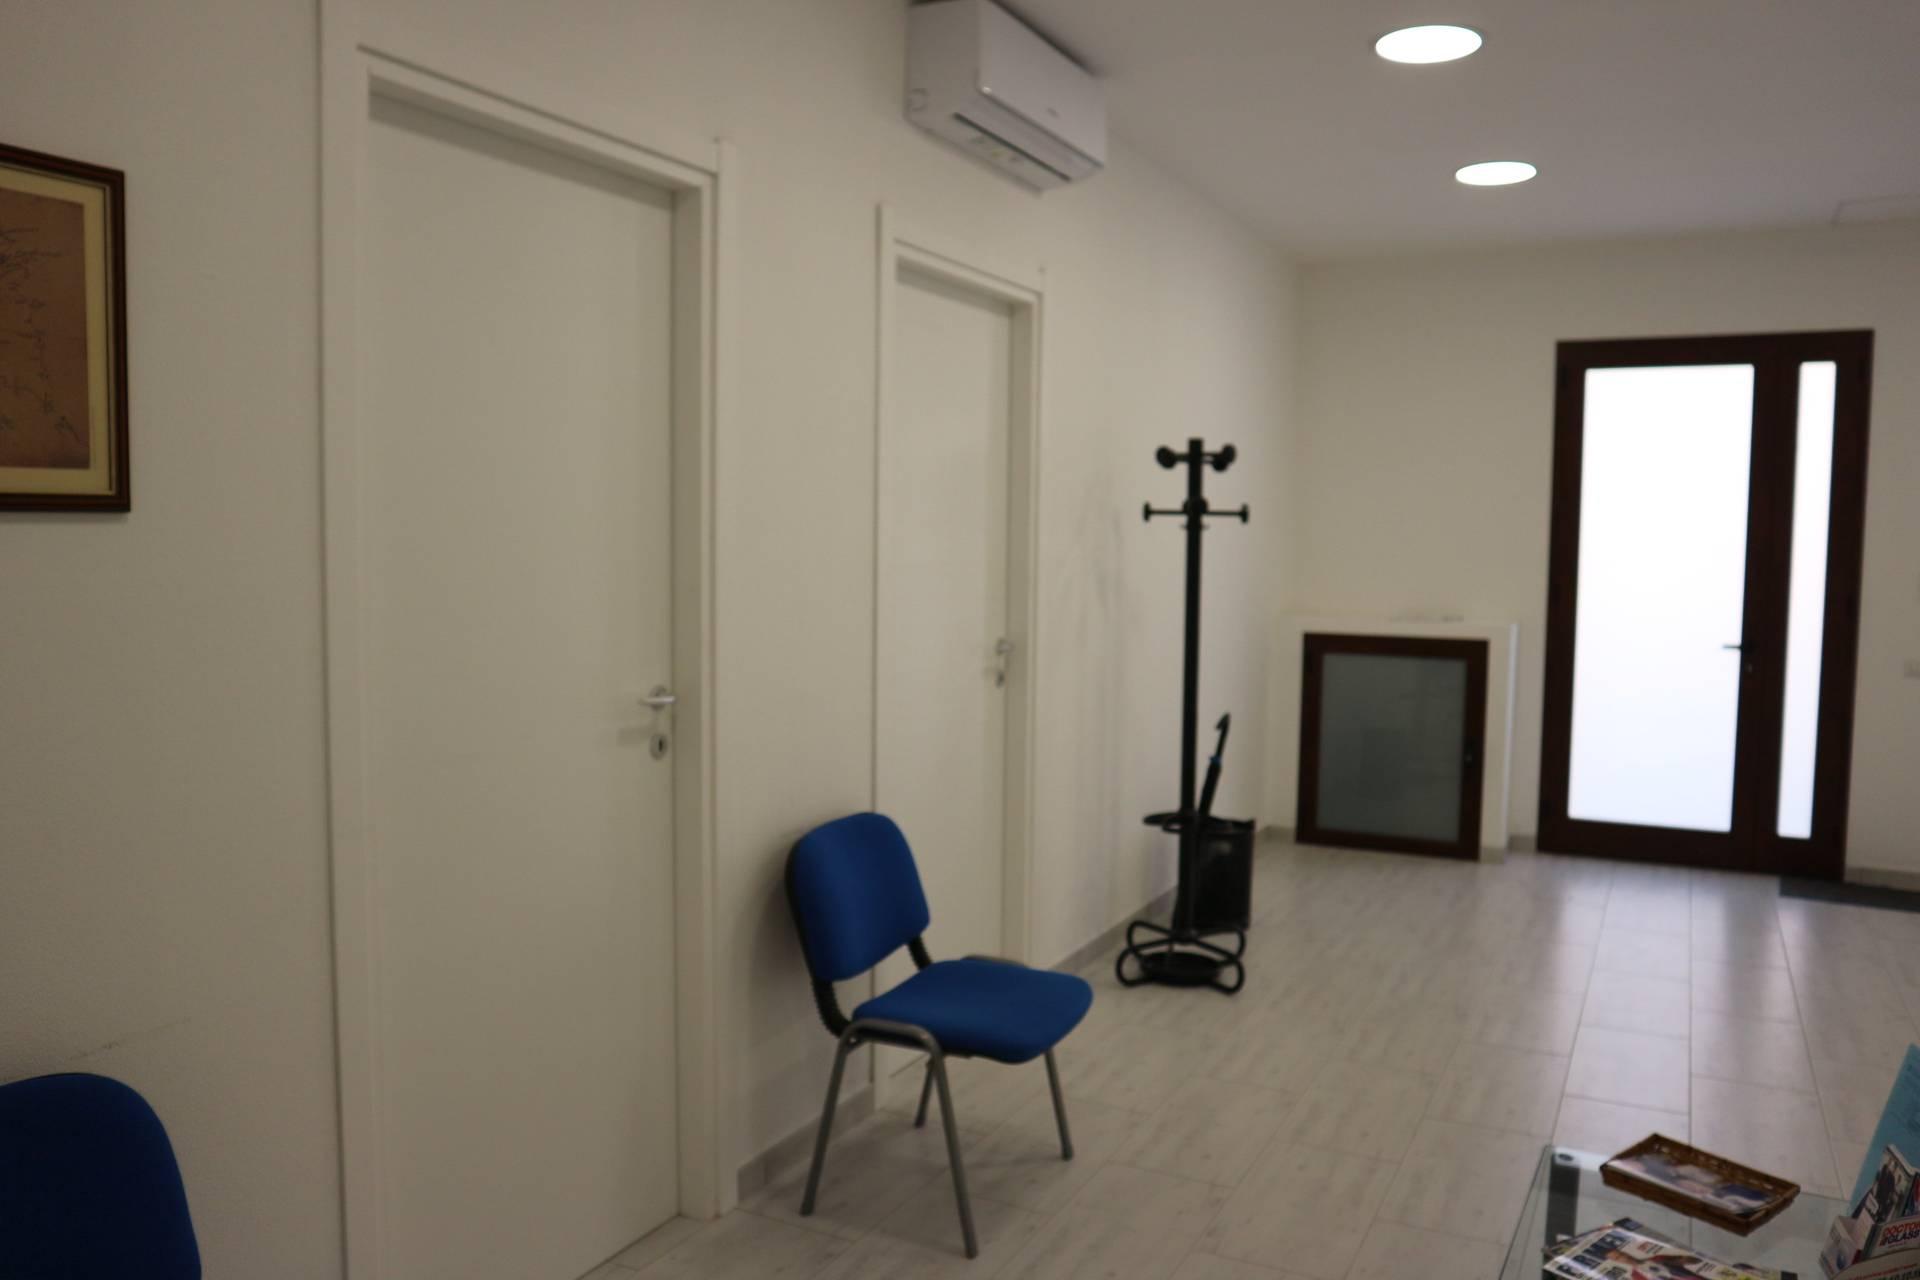 Ufficio in affitto a Sinnai (CA)